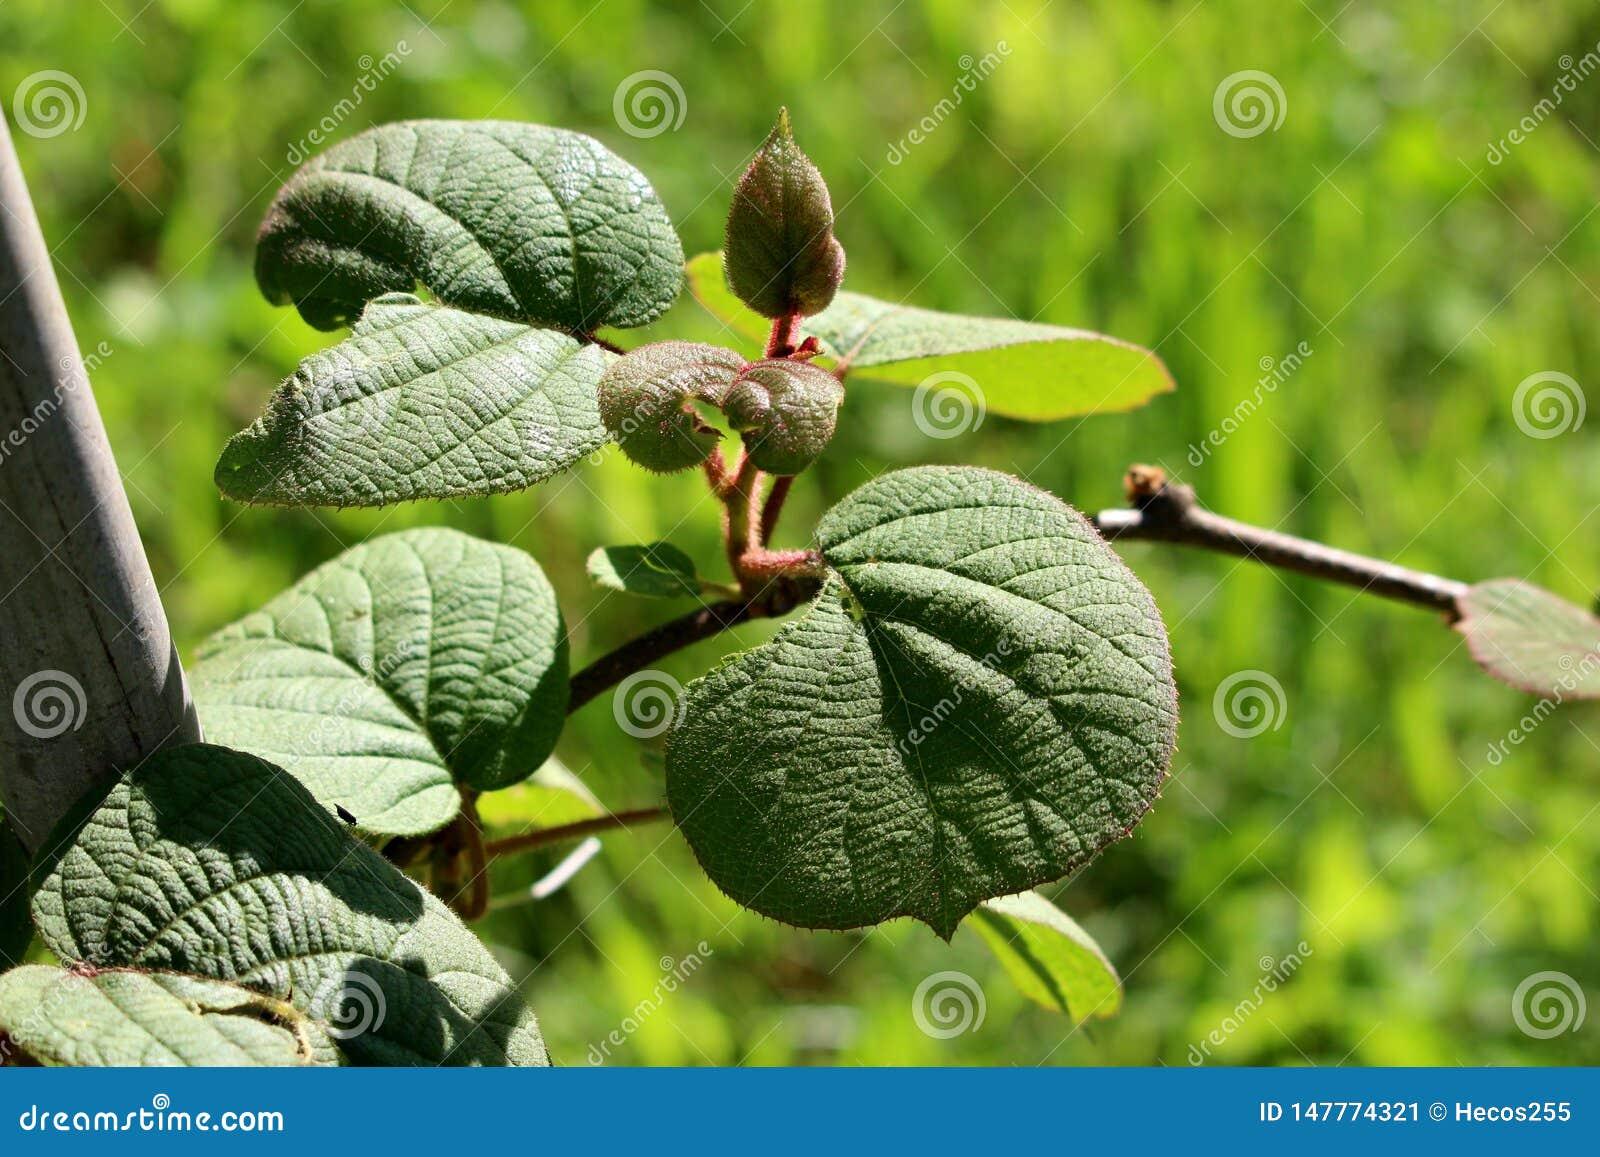 Vite legnosa del kiwi o di kiwi o dell uva spina cinese con verde scuro alle foglie coriacee rosse ed al gambo peloso piantati in